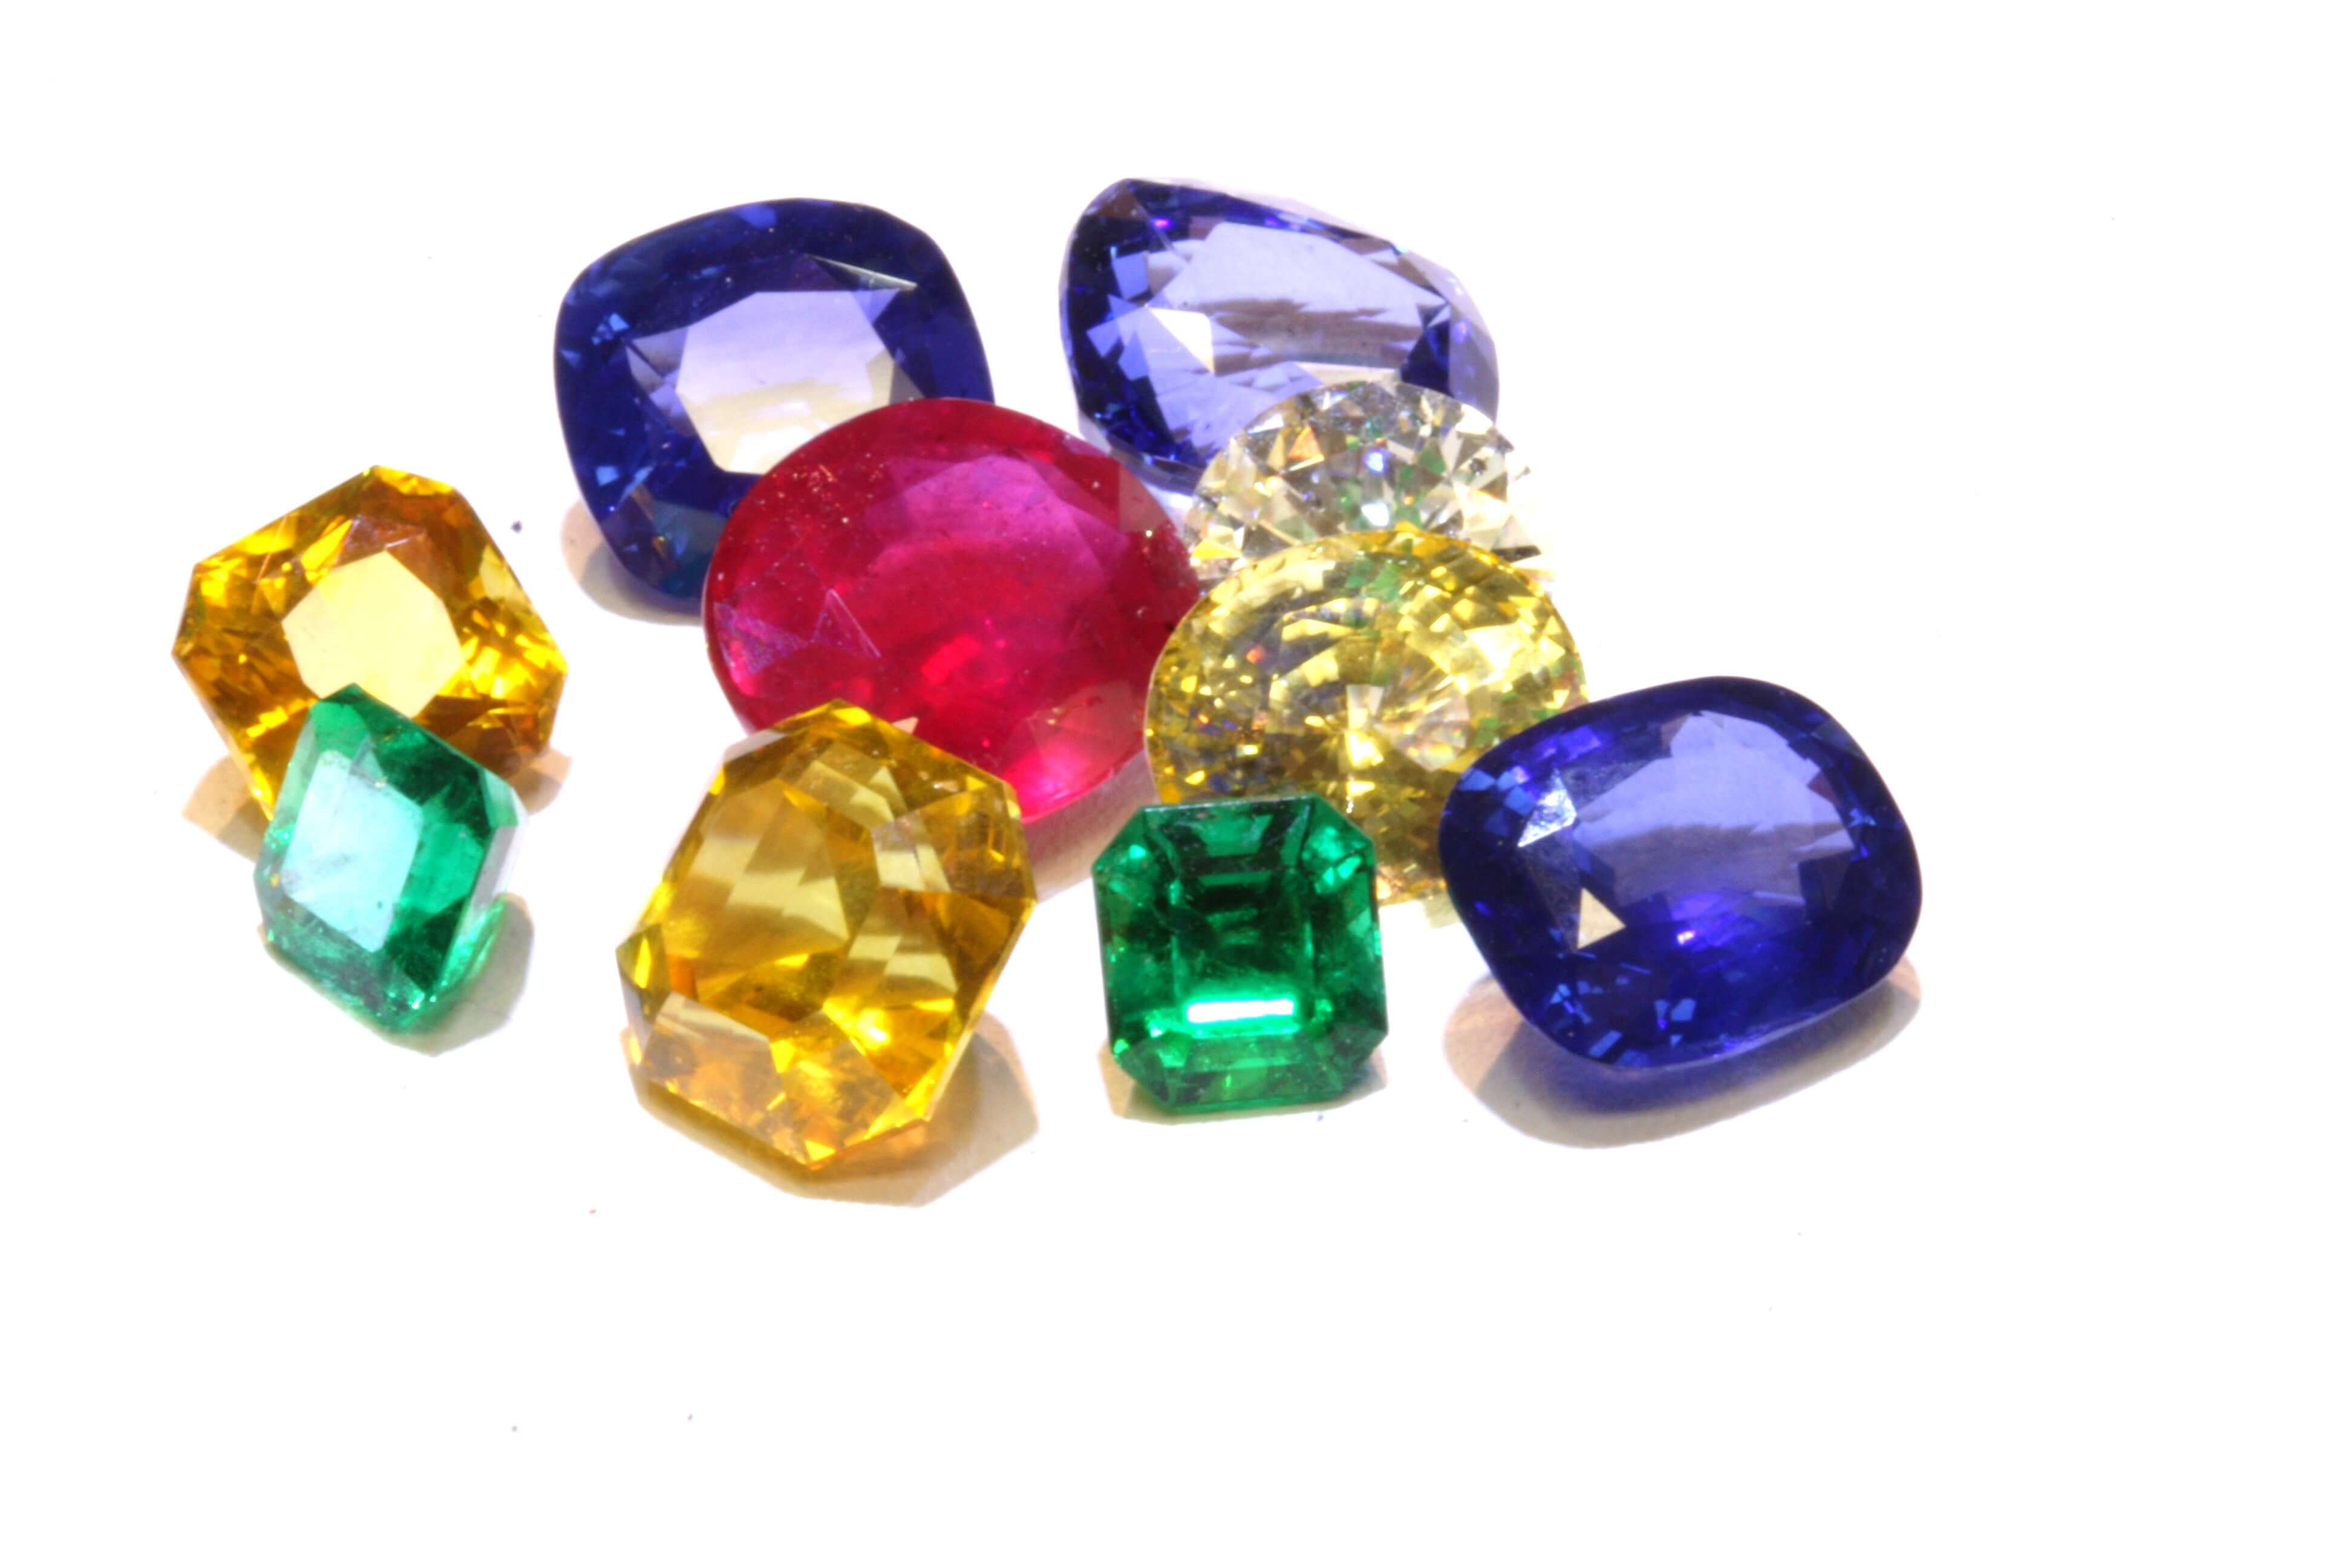 El precio de una piedra preciosa saberlo todo coraz n - Piedras preciosas propiedades ...